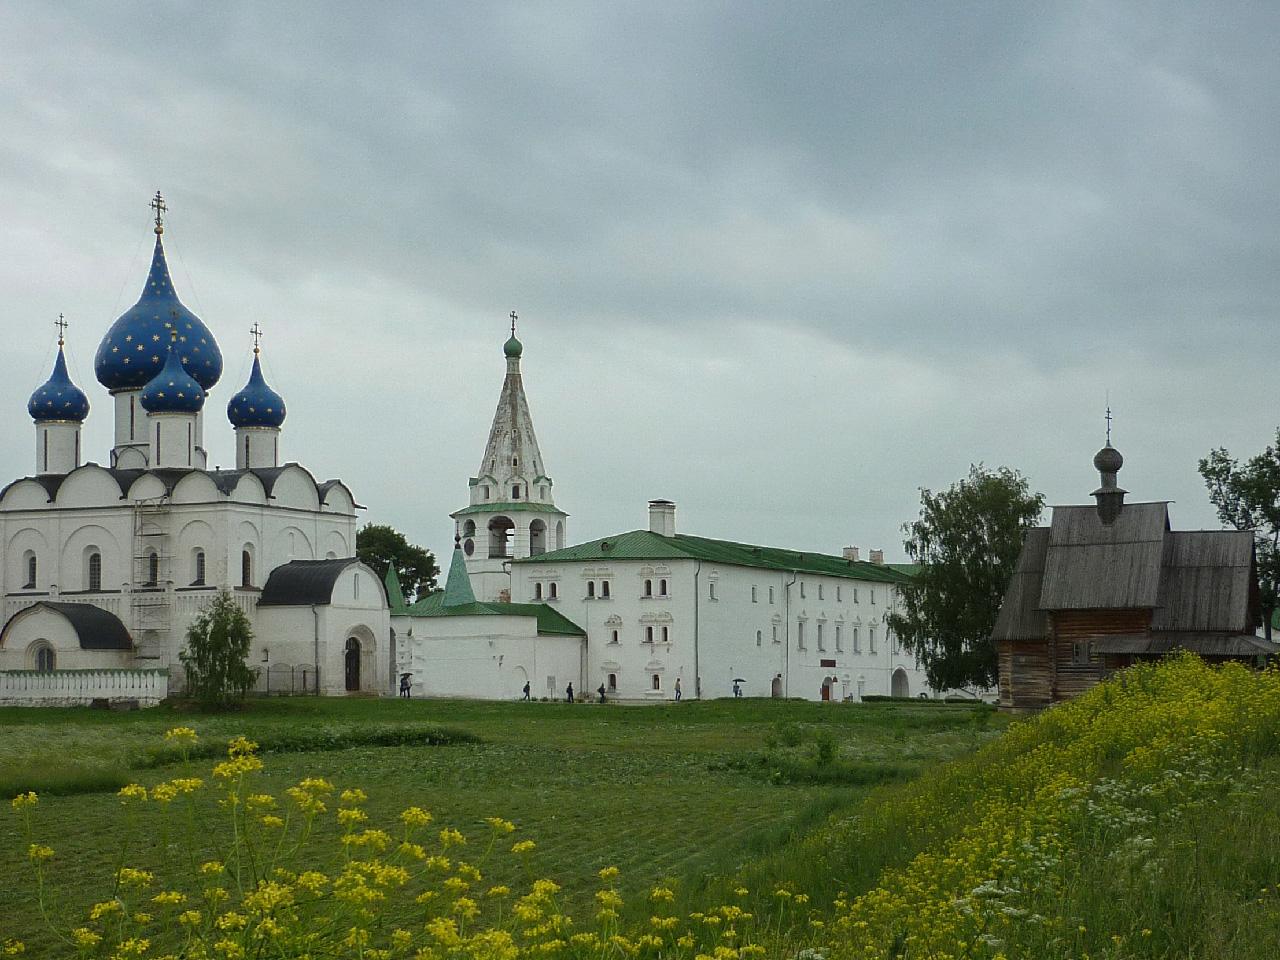 Приглашаем в паломническую поездку в город Суздаль